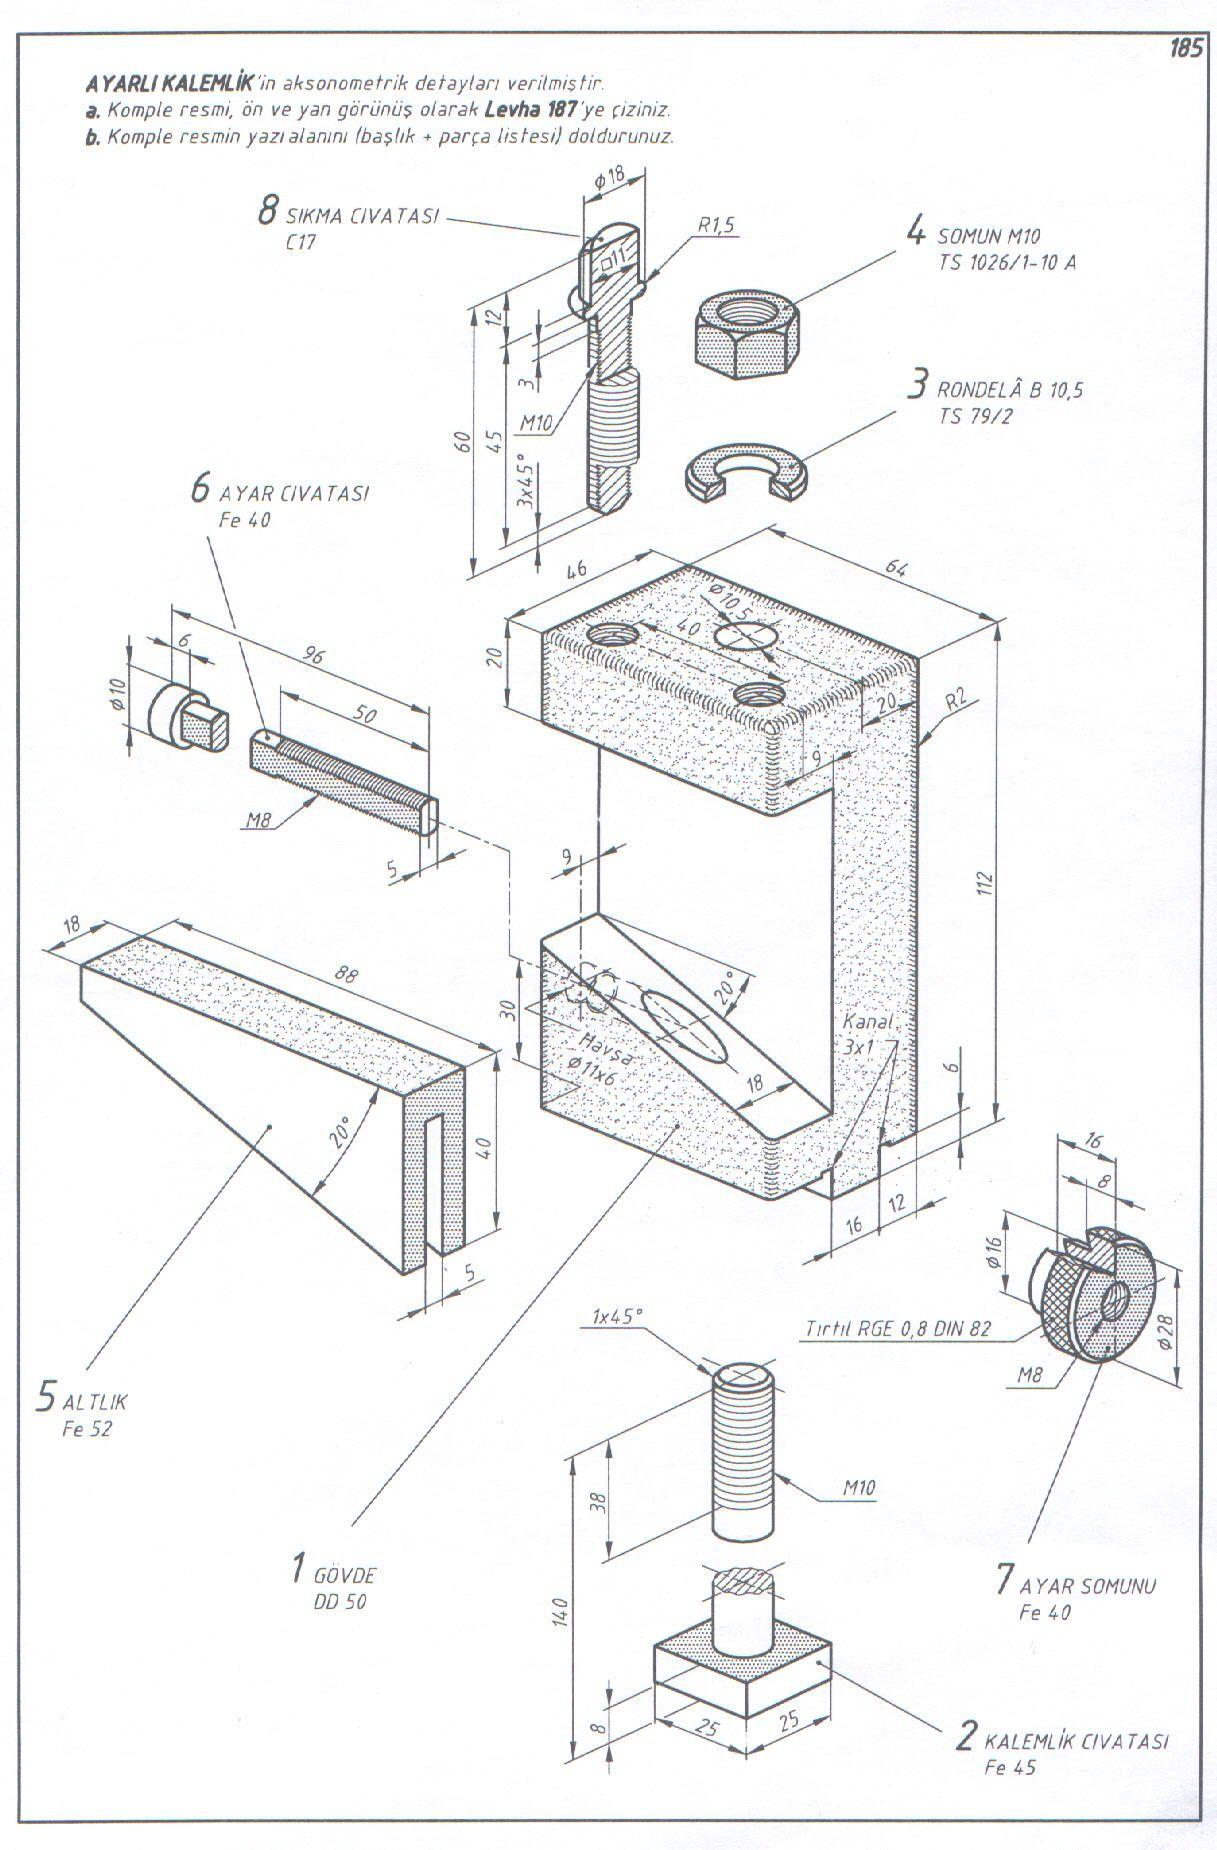 Pin De Pablo Alejandro En My Drawings Planos Mecanicos Dibujo Mecanico Dibujo Tecnico Ejercicios